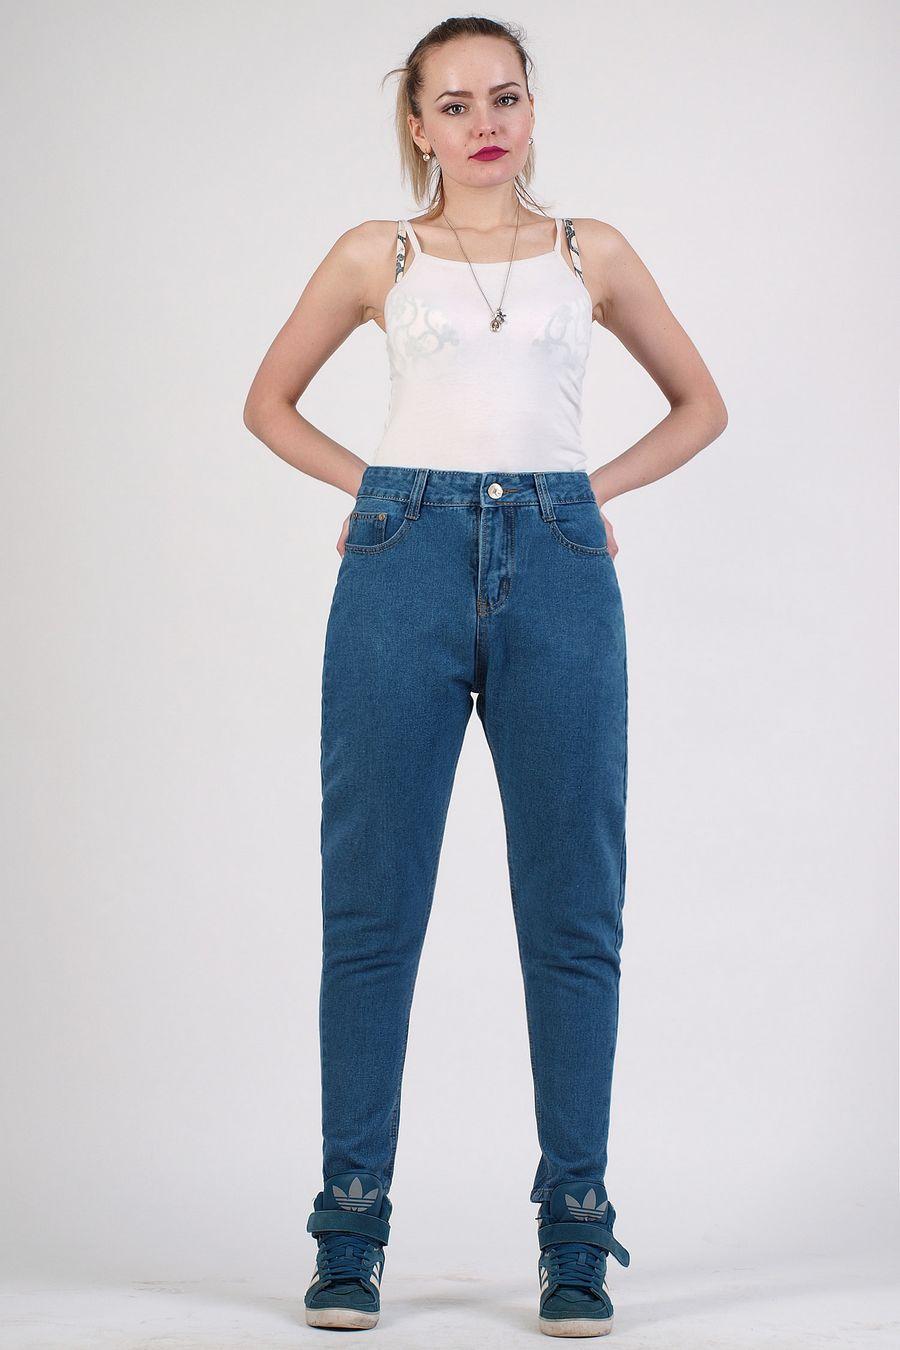 Джинсы женские K.Y Jeans 2228 - фото 1